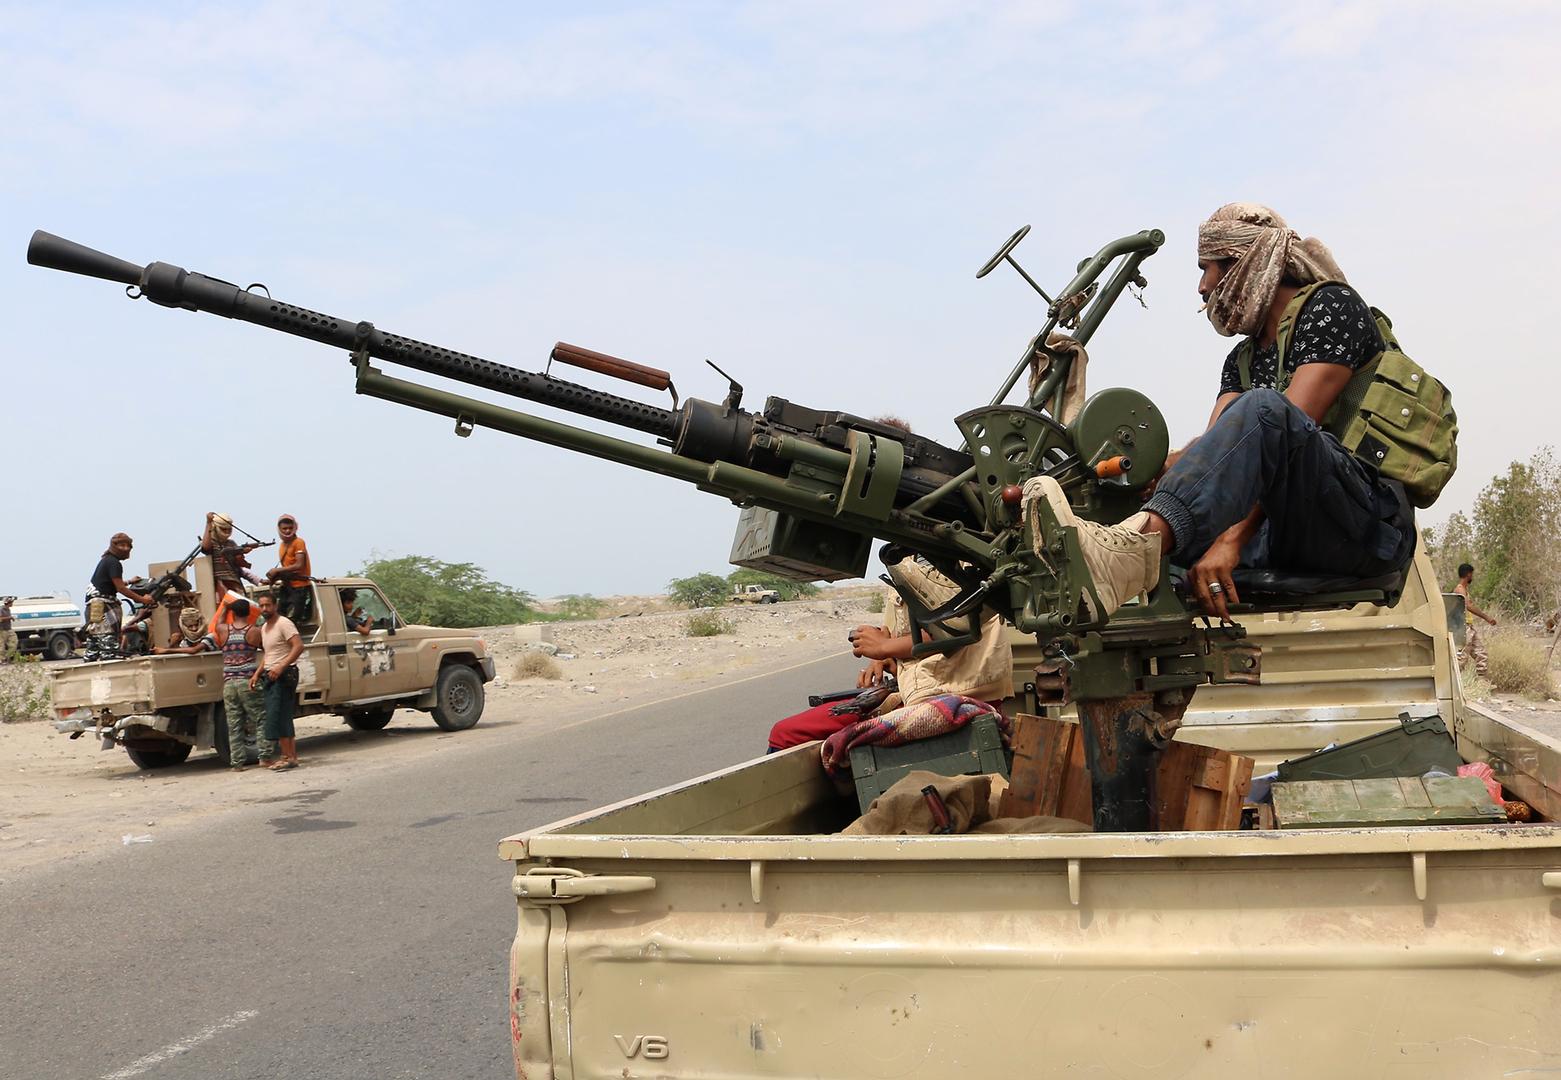 اليمن.. تصعيد متواصل بين الحكومة و